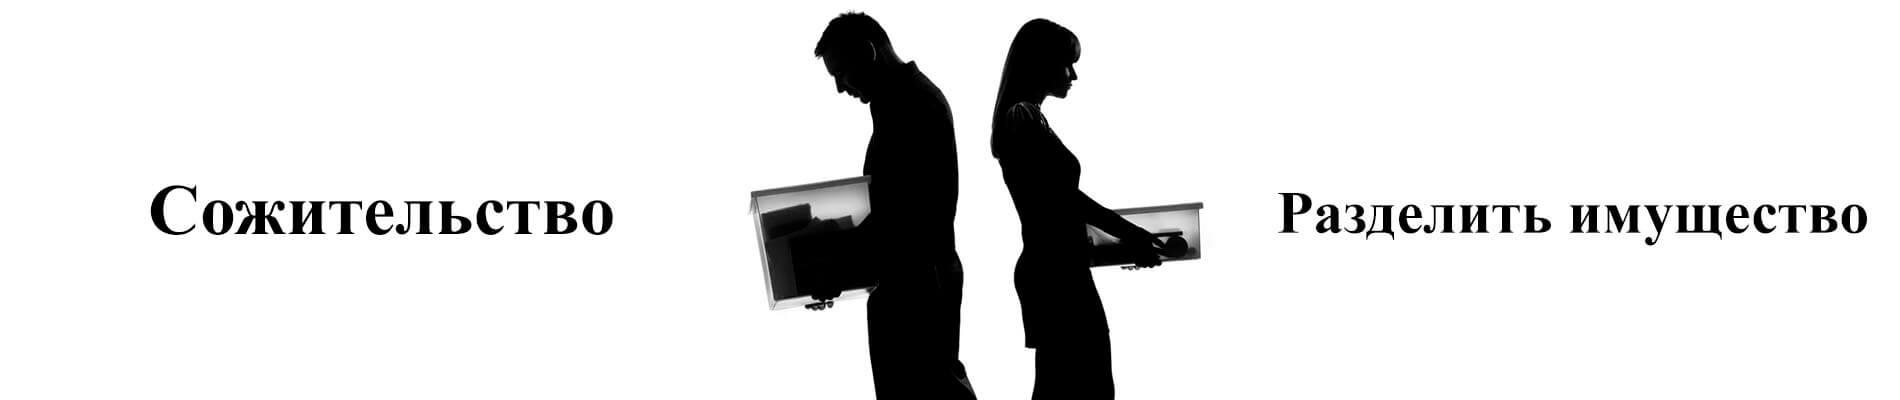 Раздел имущества в гражданском браке СПб